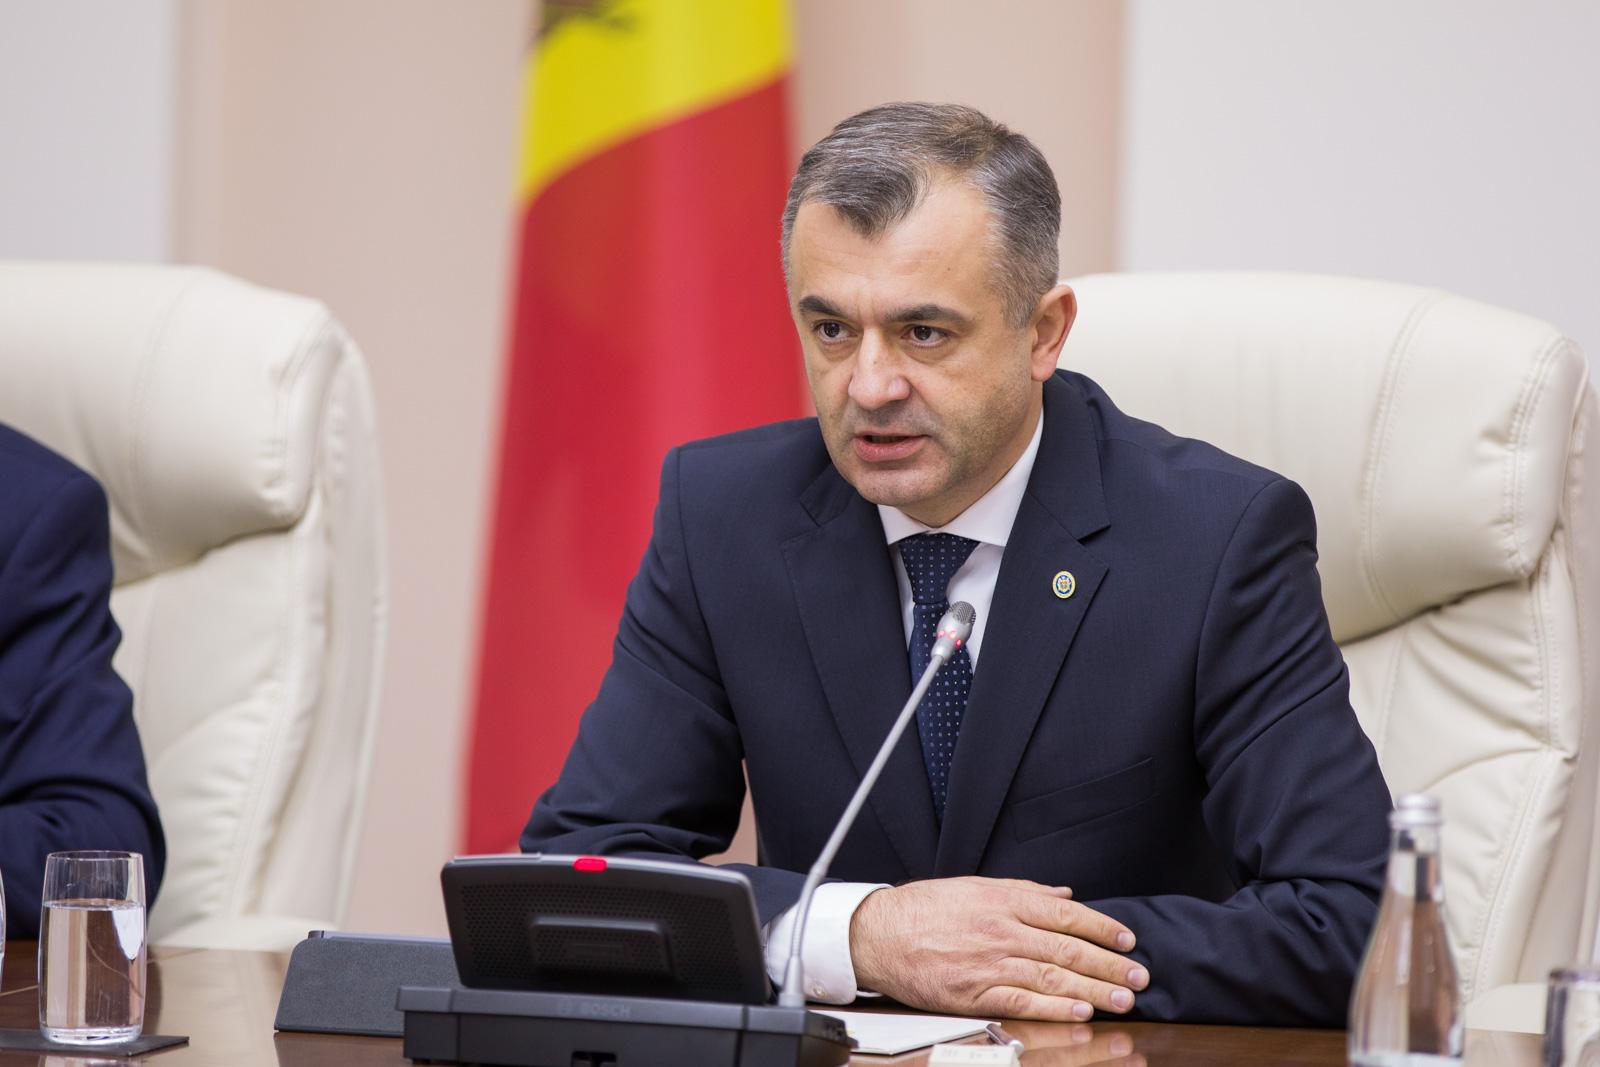 Реакция премьер-министра Иона Кику на недавнюю критику из Бухареста